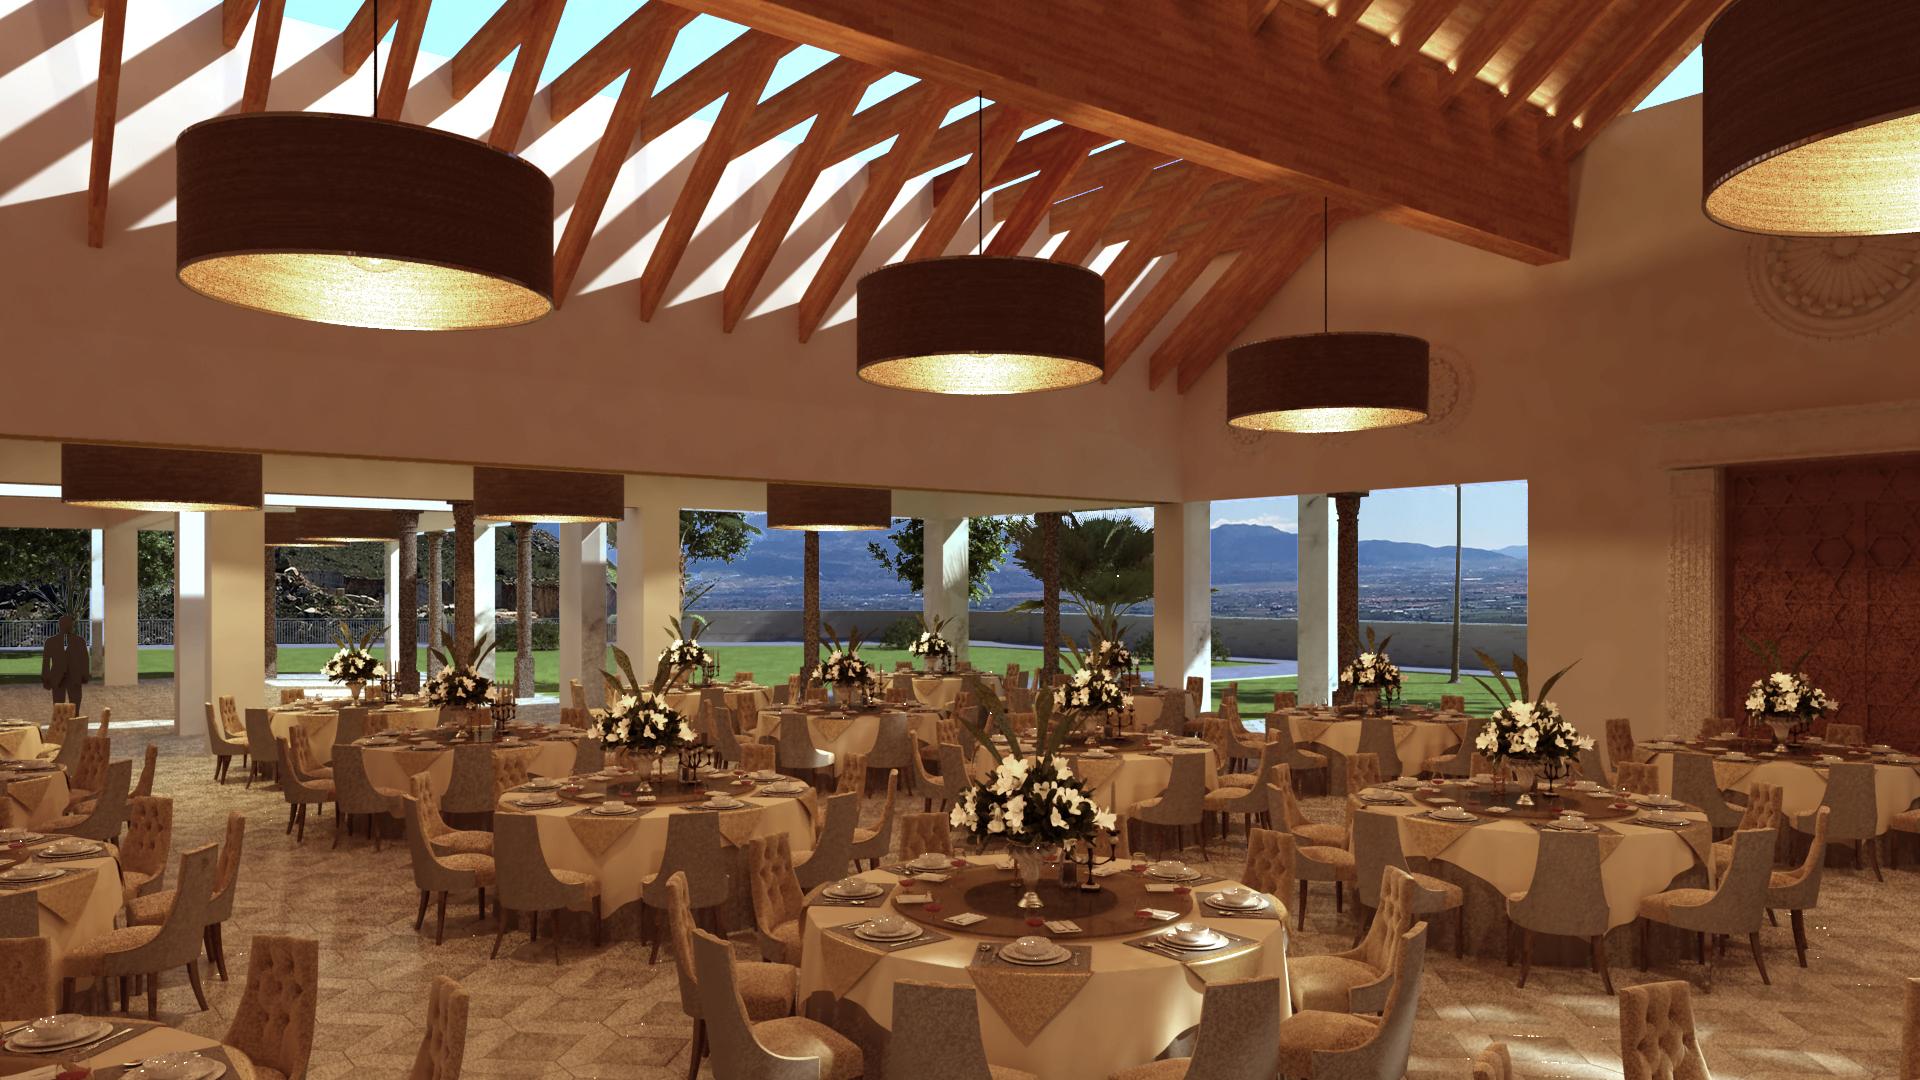 Dintel 2 estudio de arquitectura sal n de celebraciones for Acuario salon de celebraciones